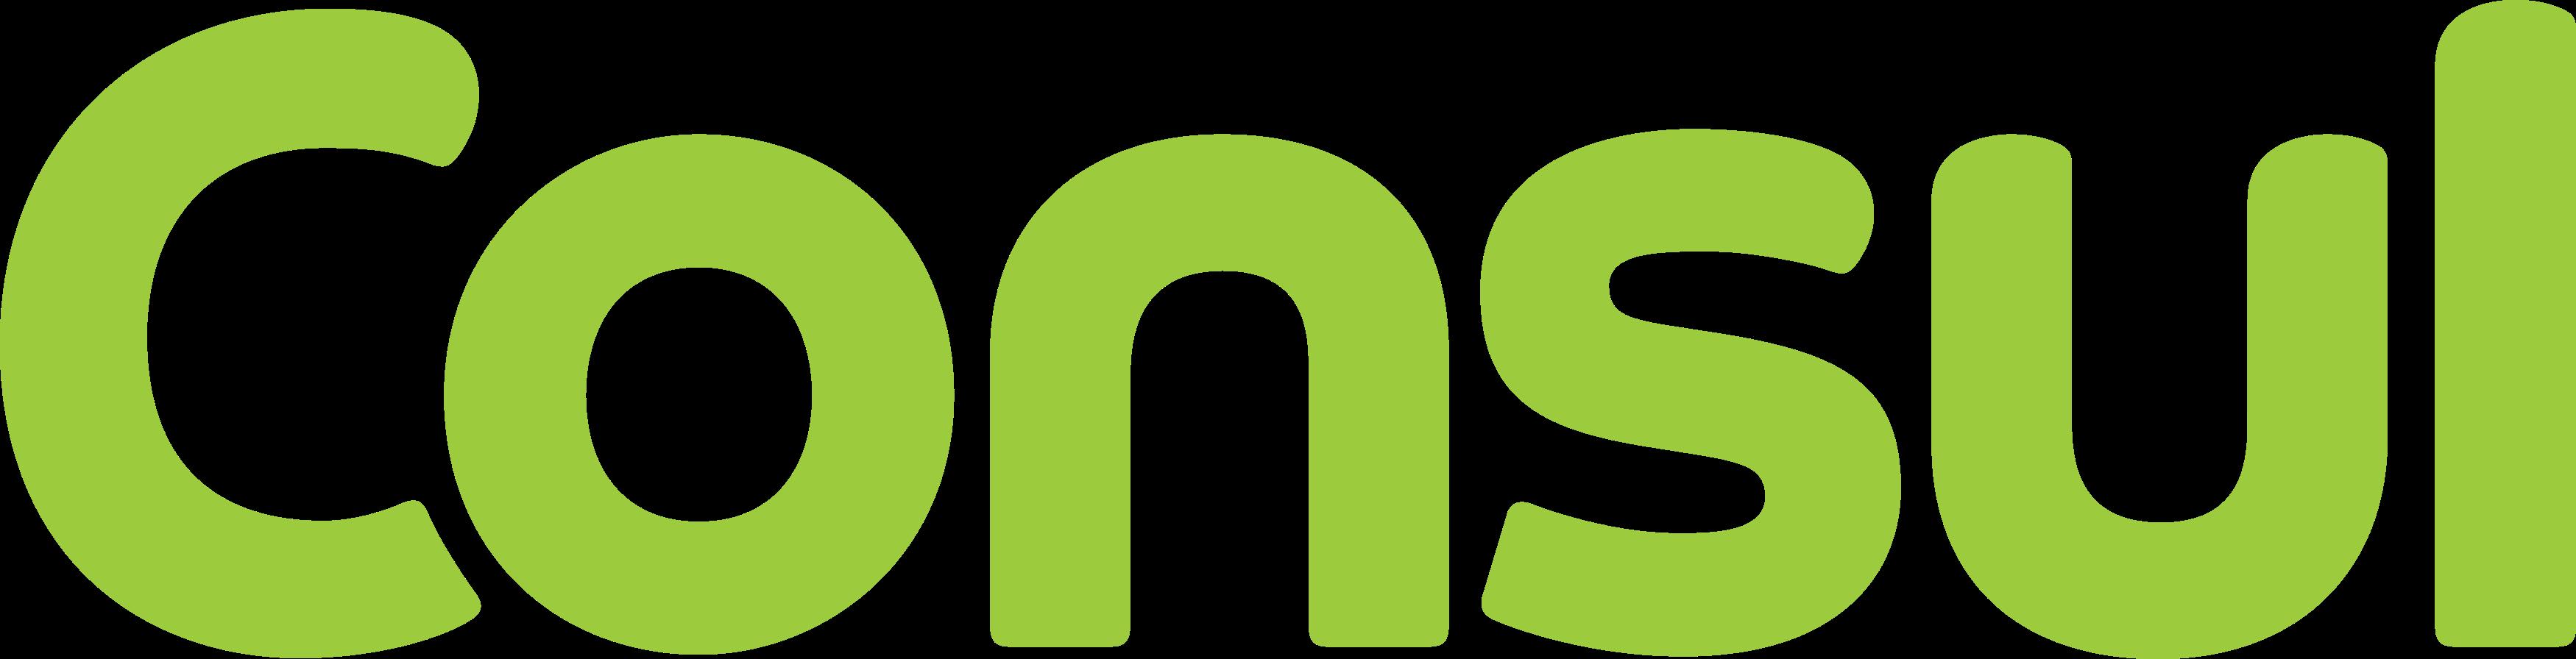 consul-logo-1-1